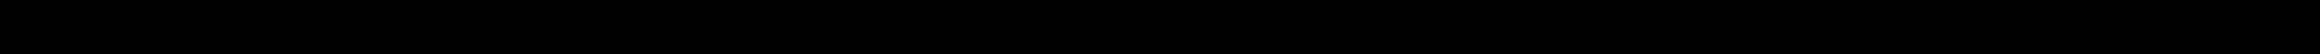 LIQUI MOLY P000486 Λάδι για πιρούνια